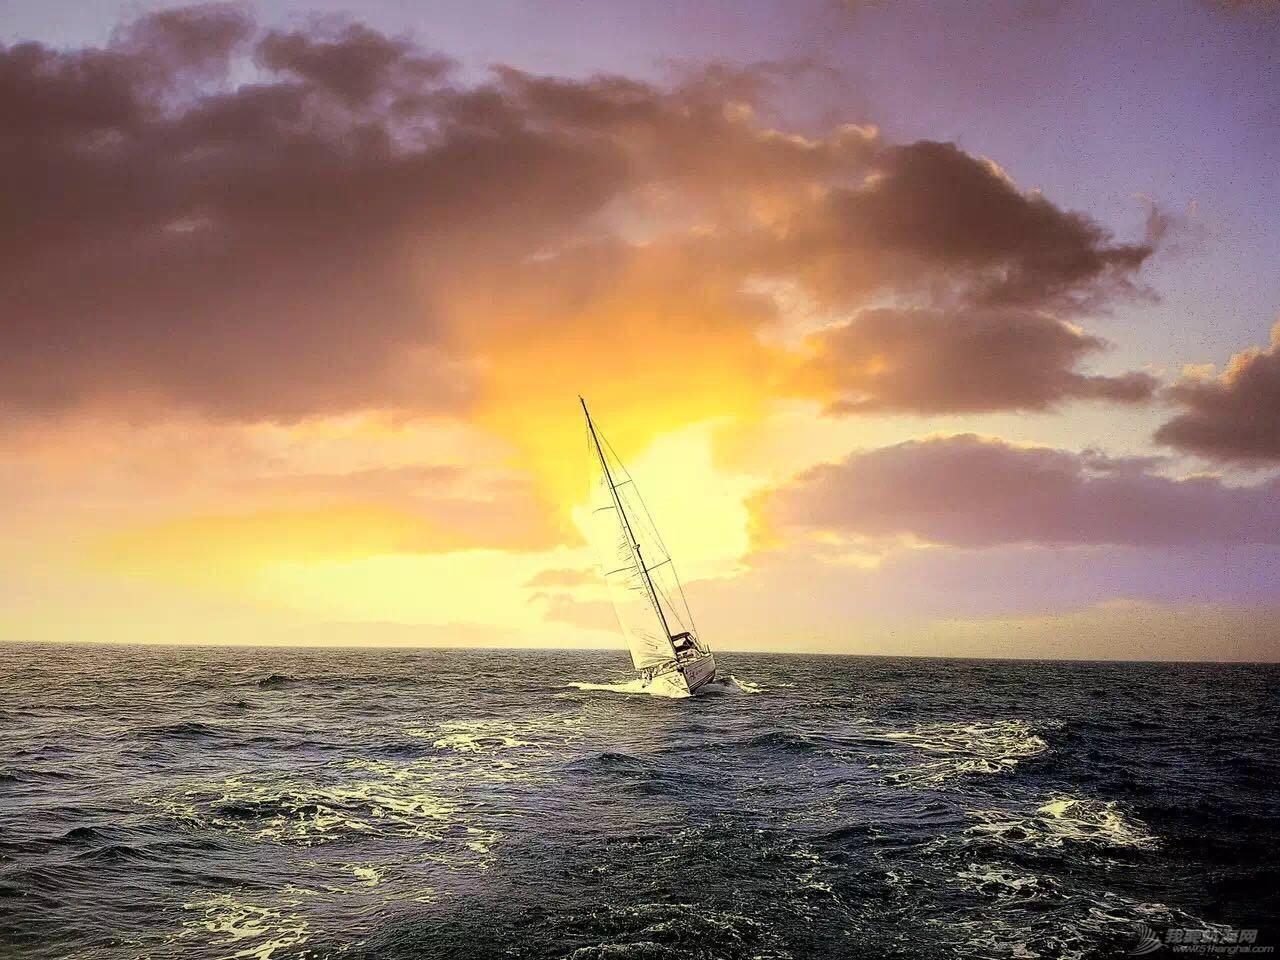 秦皇岛,帆船 记第一次帆船航海比赛-9月3日秦皇岛飞驰杯月赛 IMG_8542.JPG